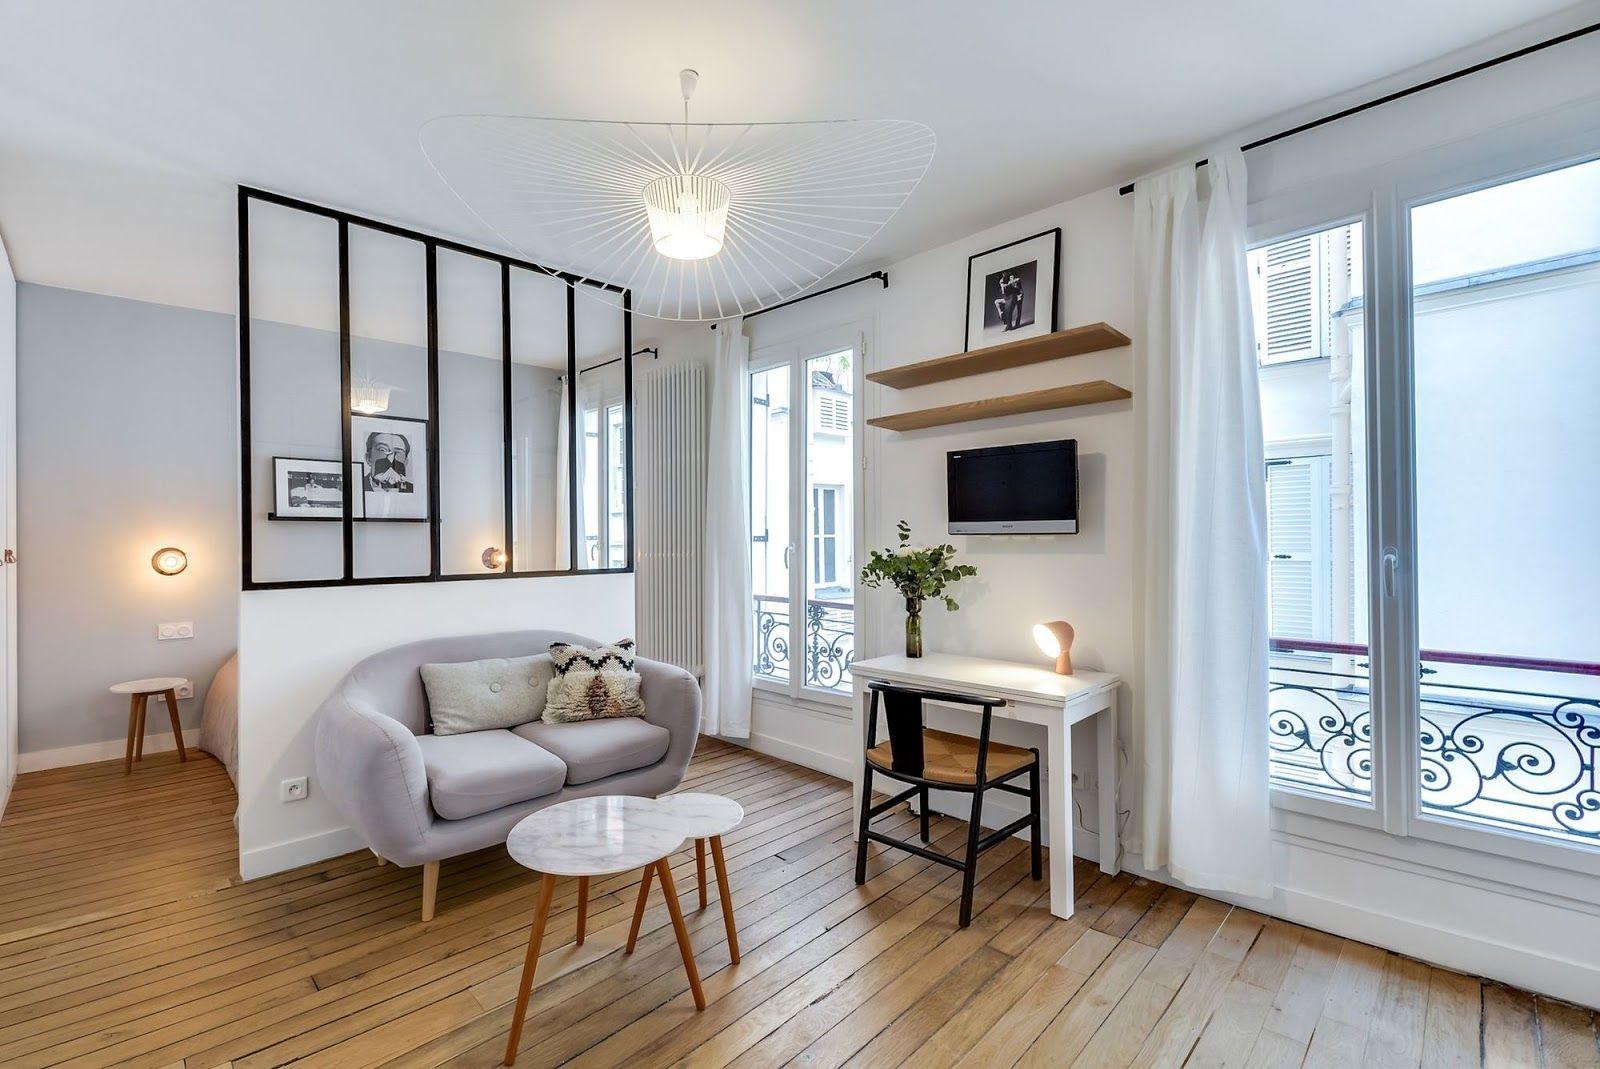 HOME U0026 GARDEN: 33 Idées Pour Mettre Un Lit Dans Son Salon